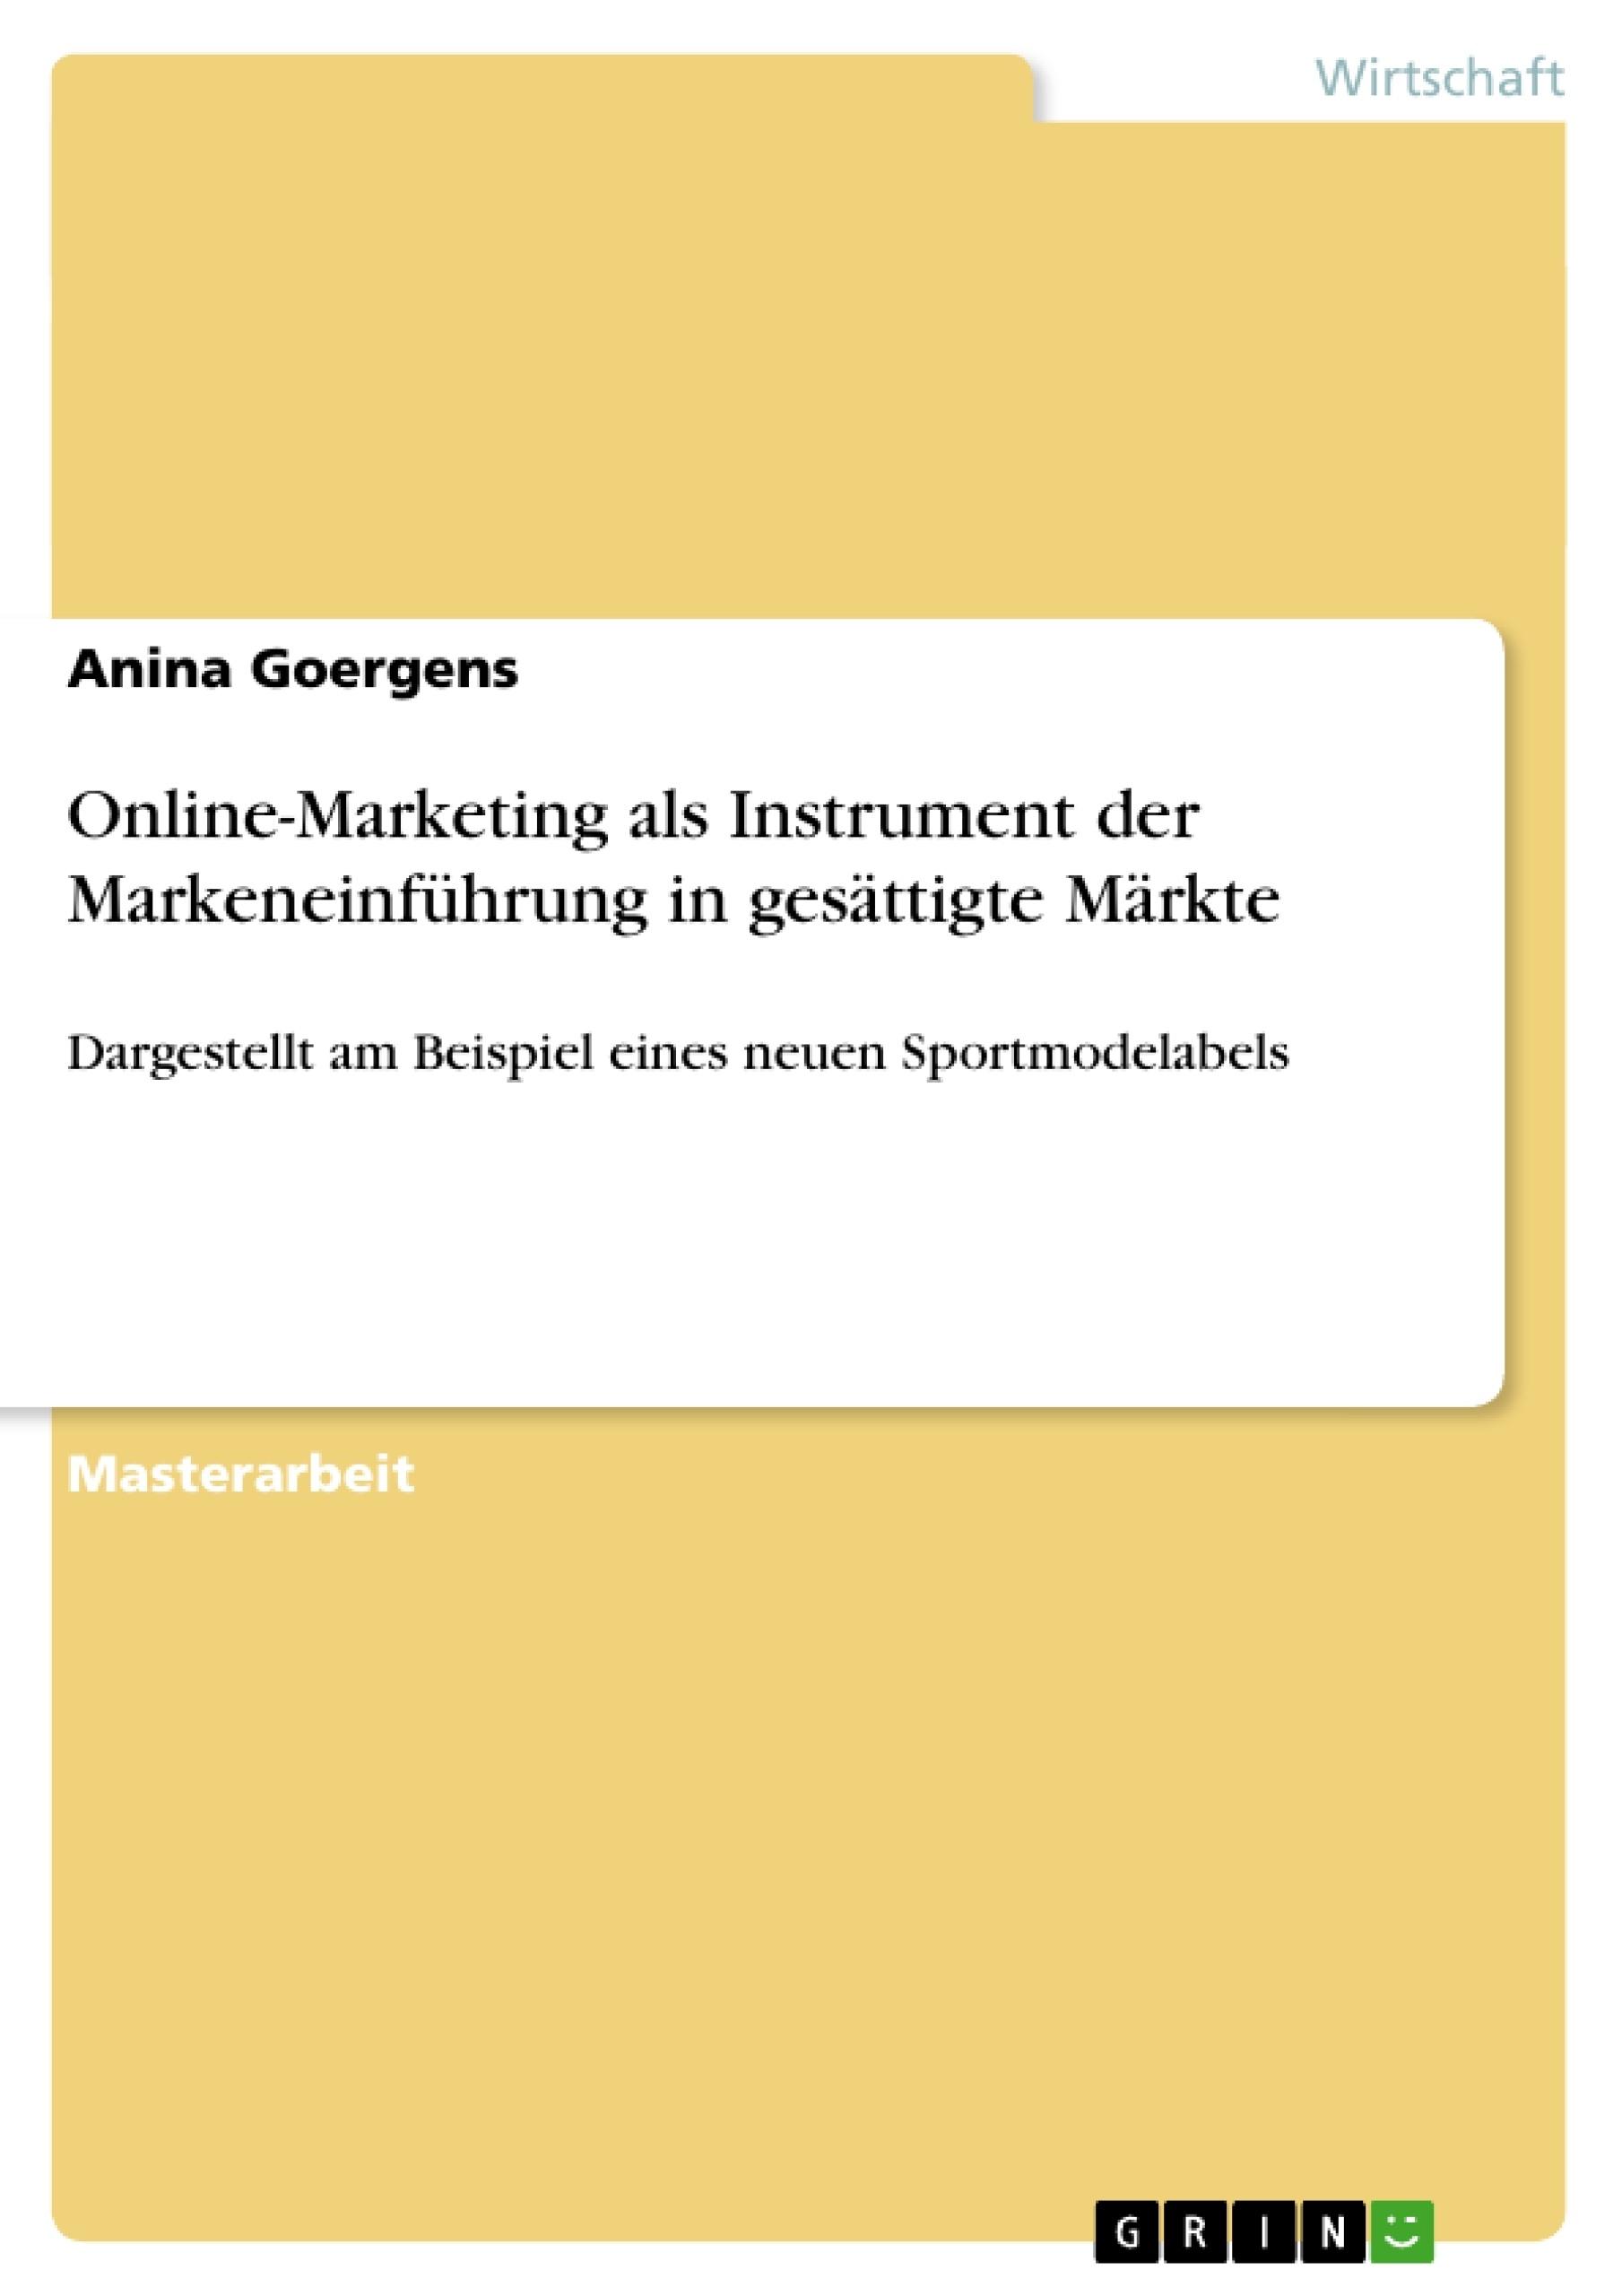 Titel: Online-Marketing  als Instrument  der Markeneinführung  in gesättigte Märkte